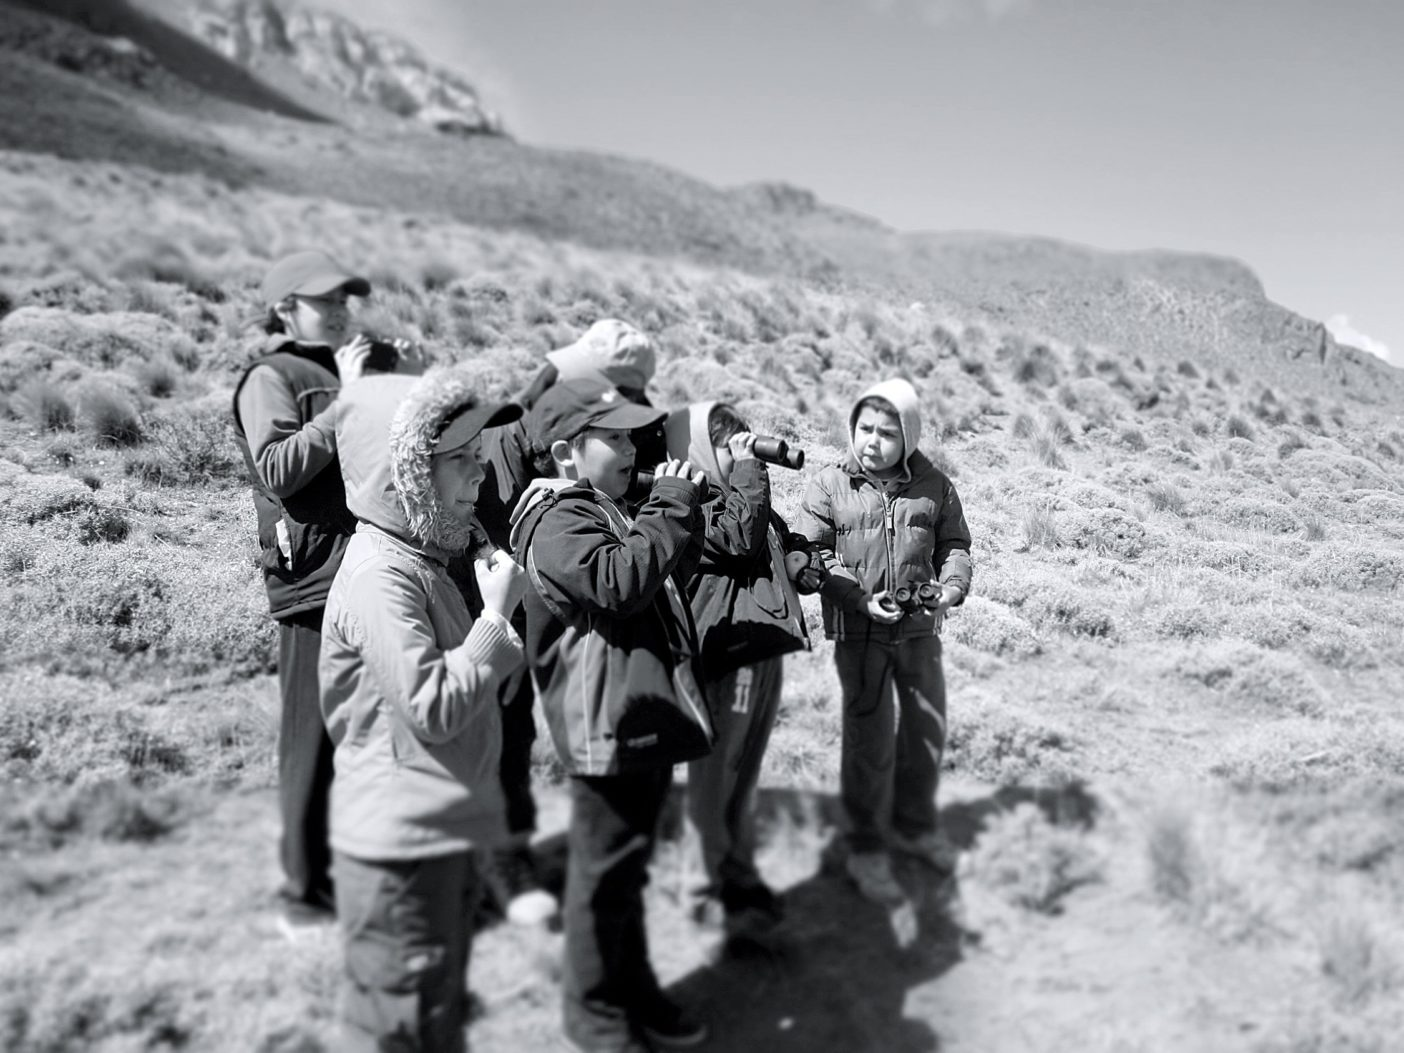 観察し、学ぶために集まった、コンドルの「里親」になった地元の小学生たち。JORGE MOLINA